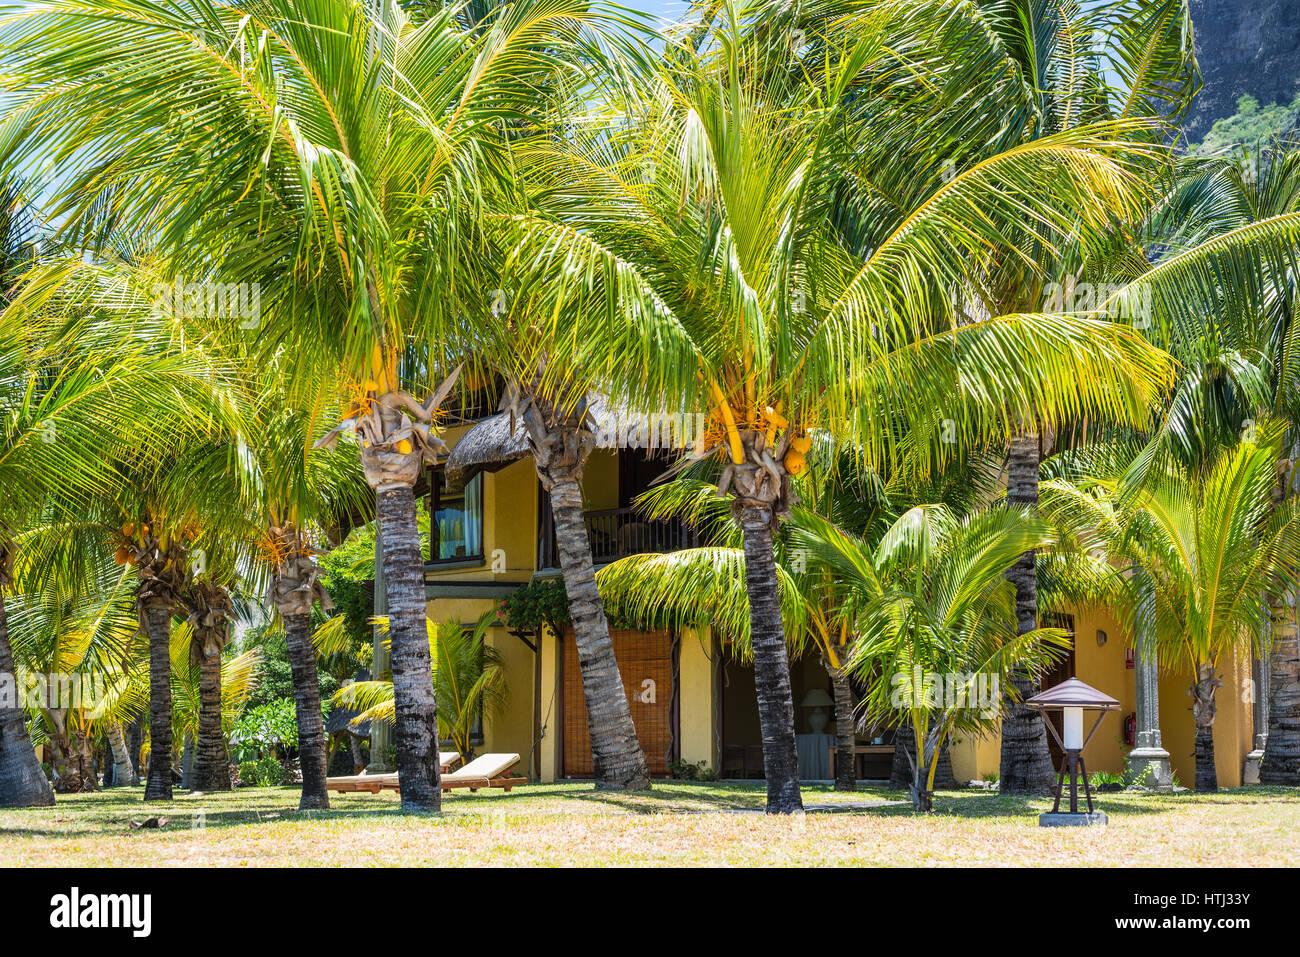 Le Morne Mauritius 11 Dezember 2015 Tropischer Bungalow Am